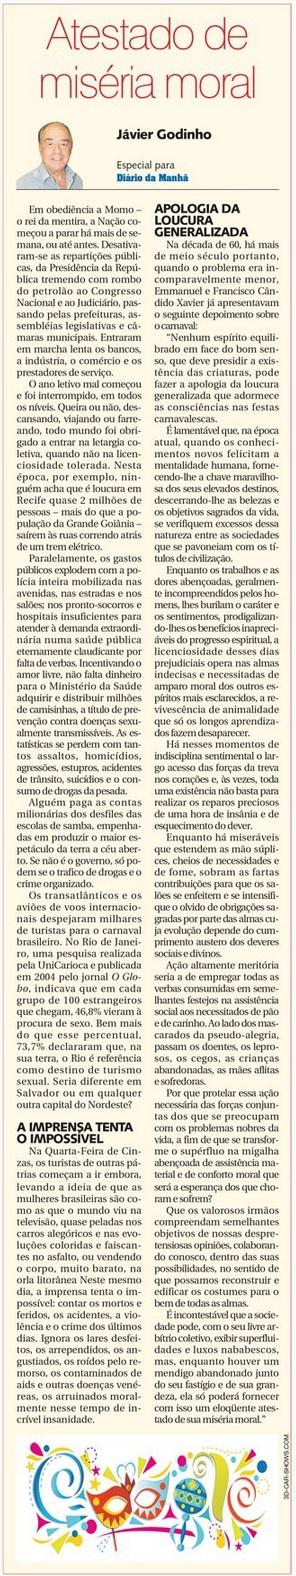 DM 18-02-2015 - Atestado de miséria moral - Jávier Godinho